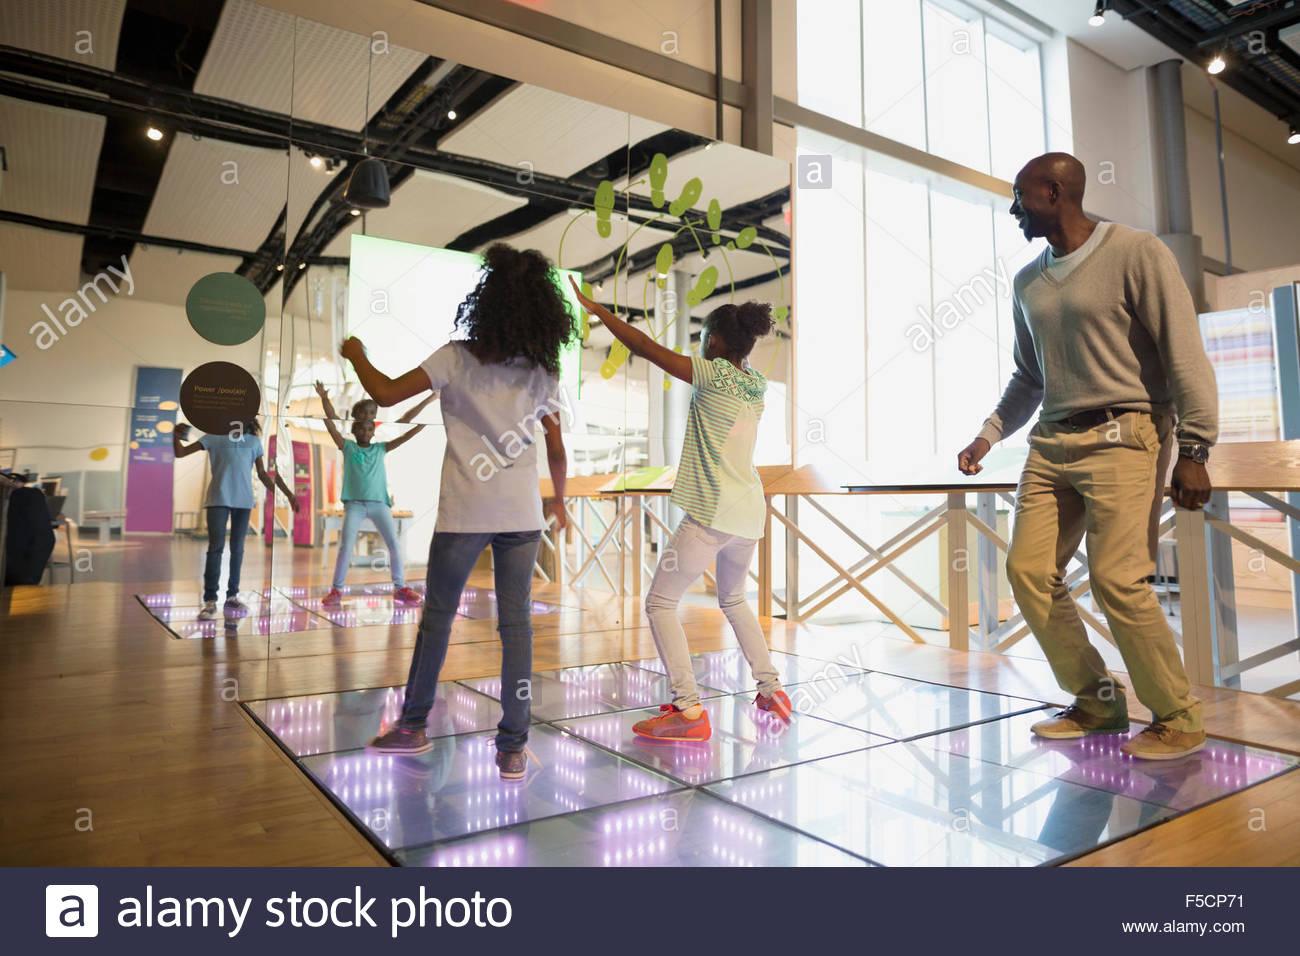 Padre guardando le figlie dance in science center Immagini Stock